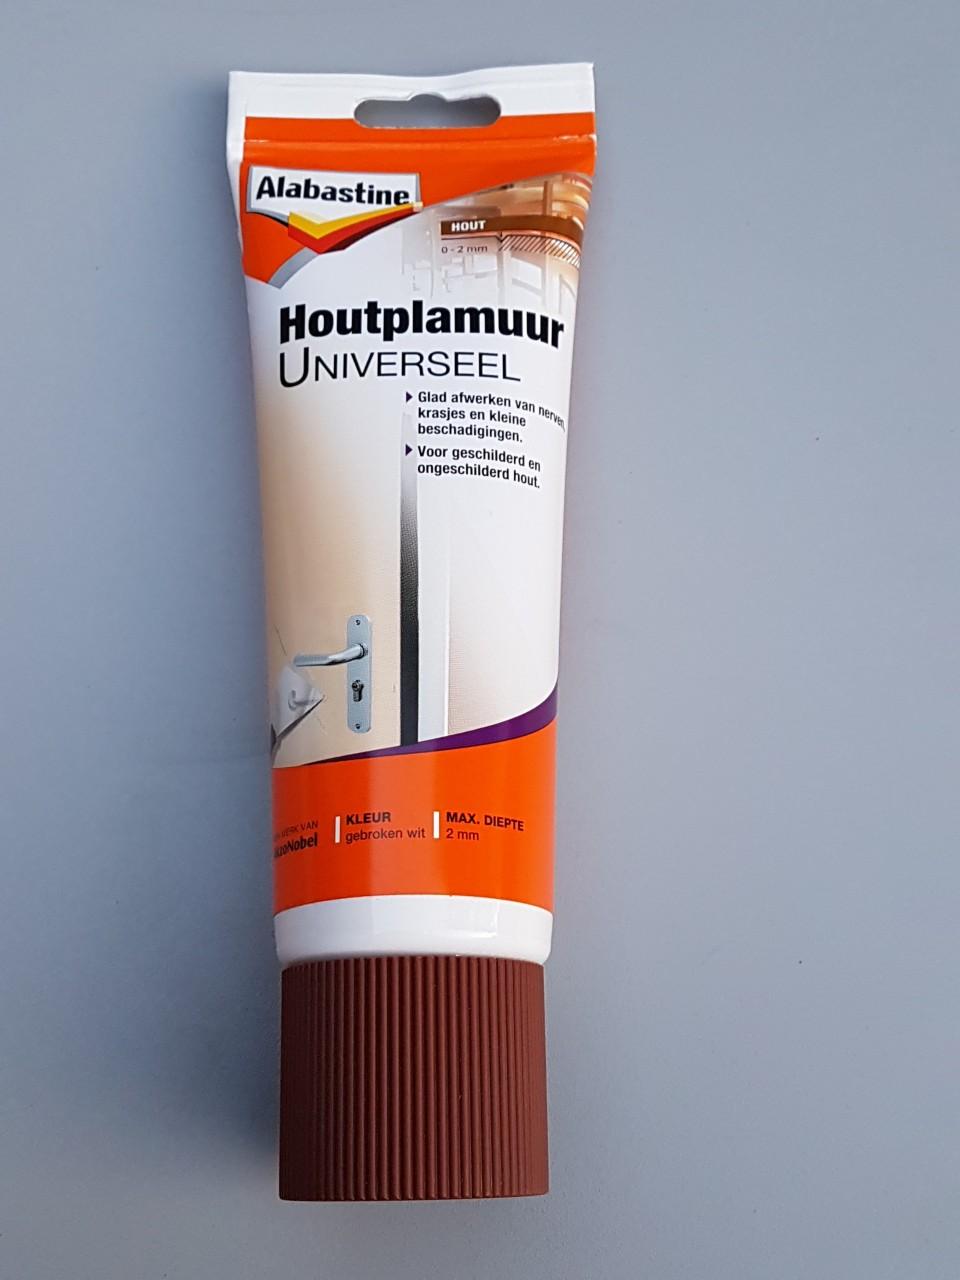 Alabastine houtplamuur 400gr.